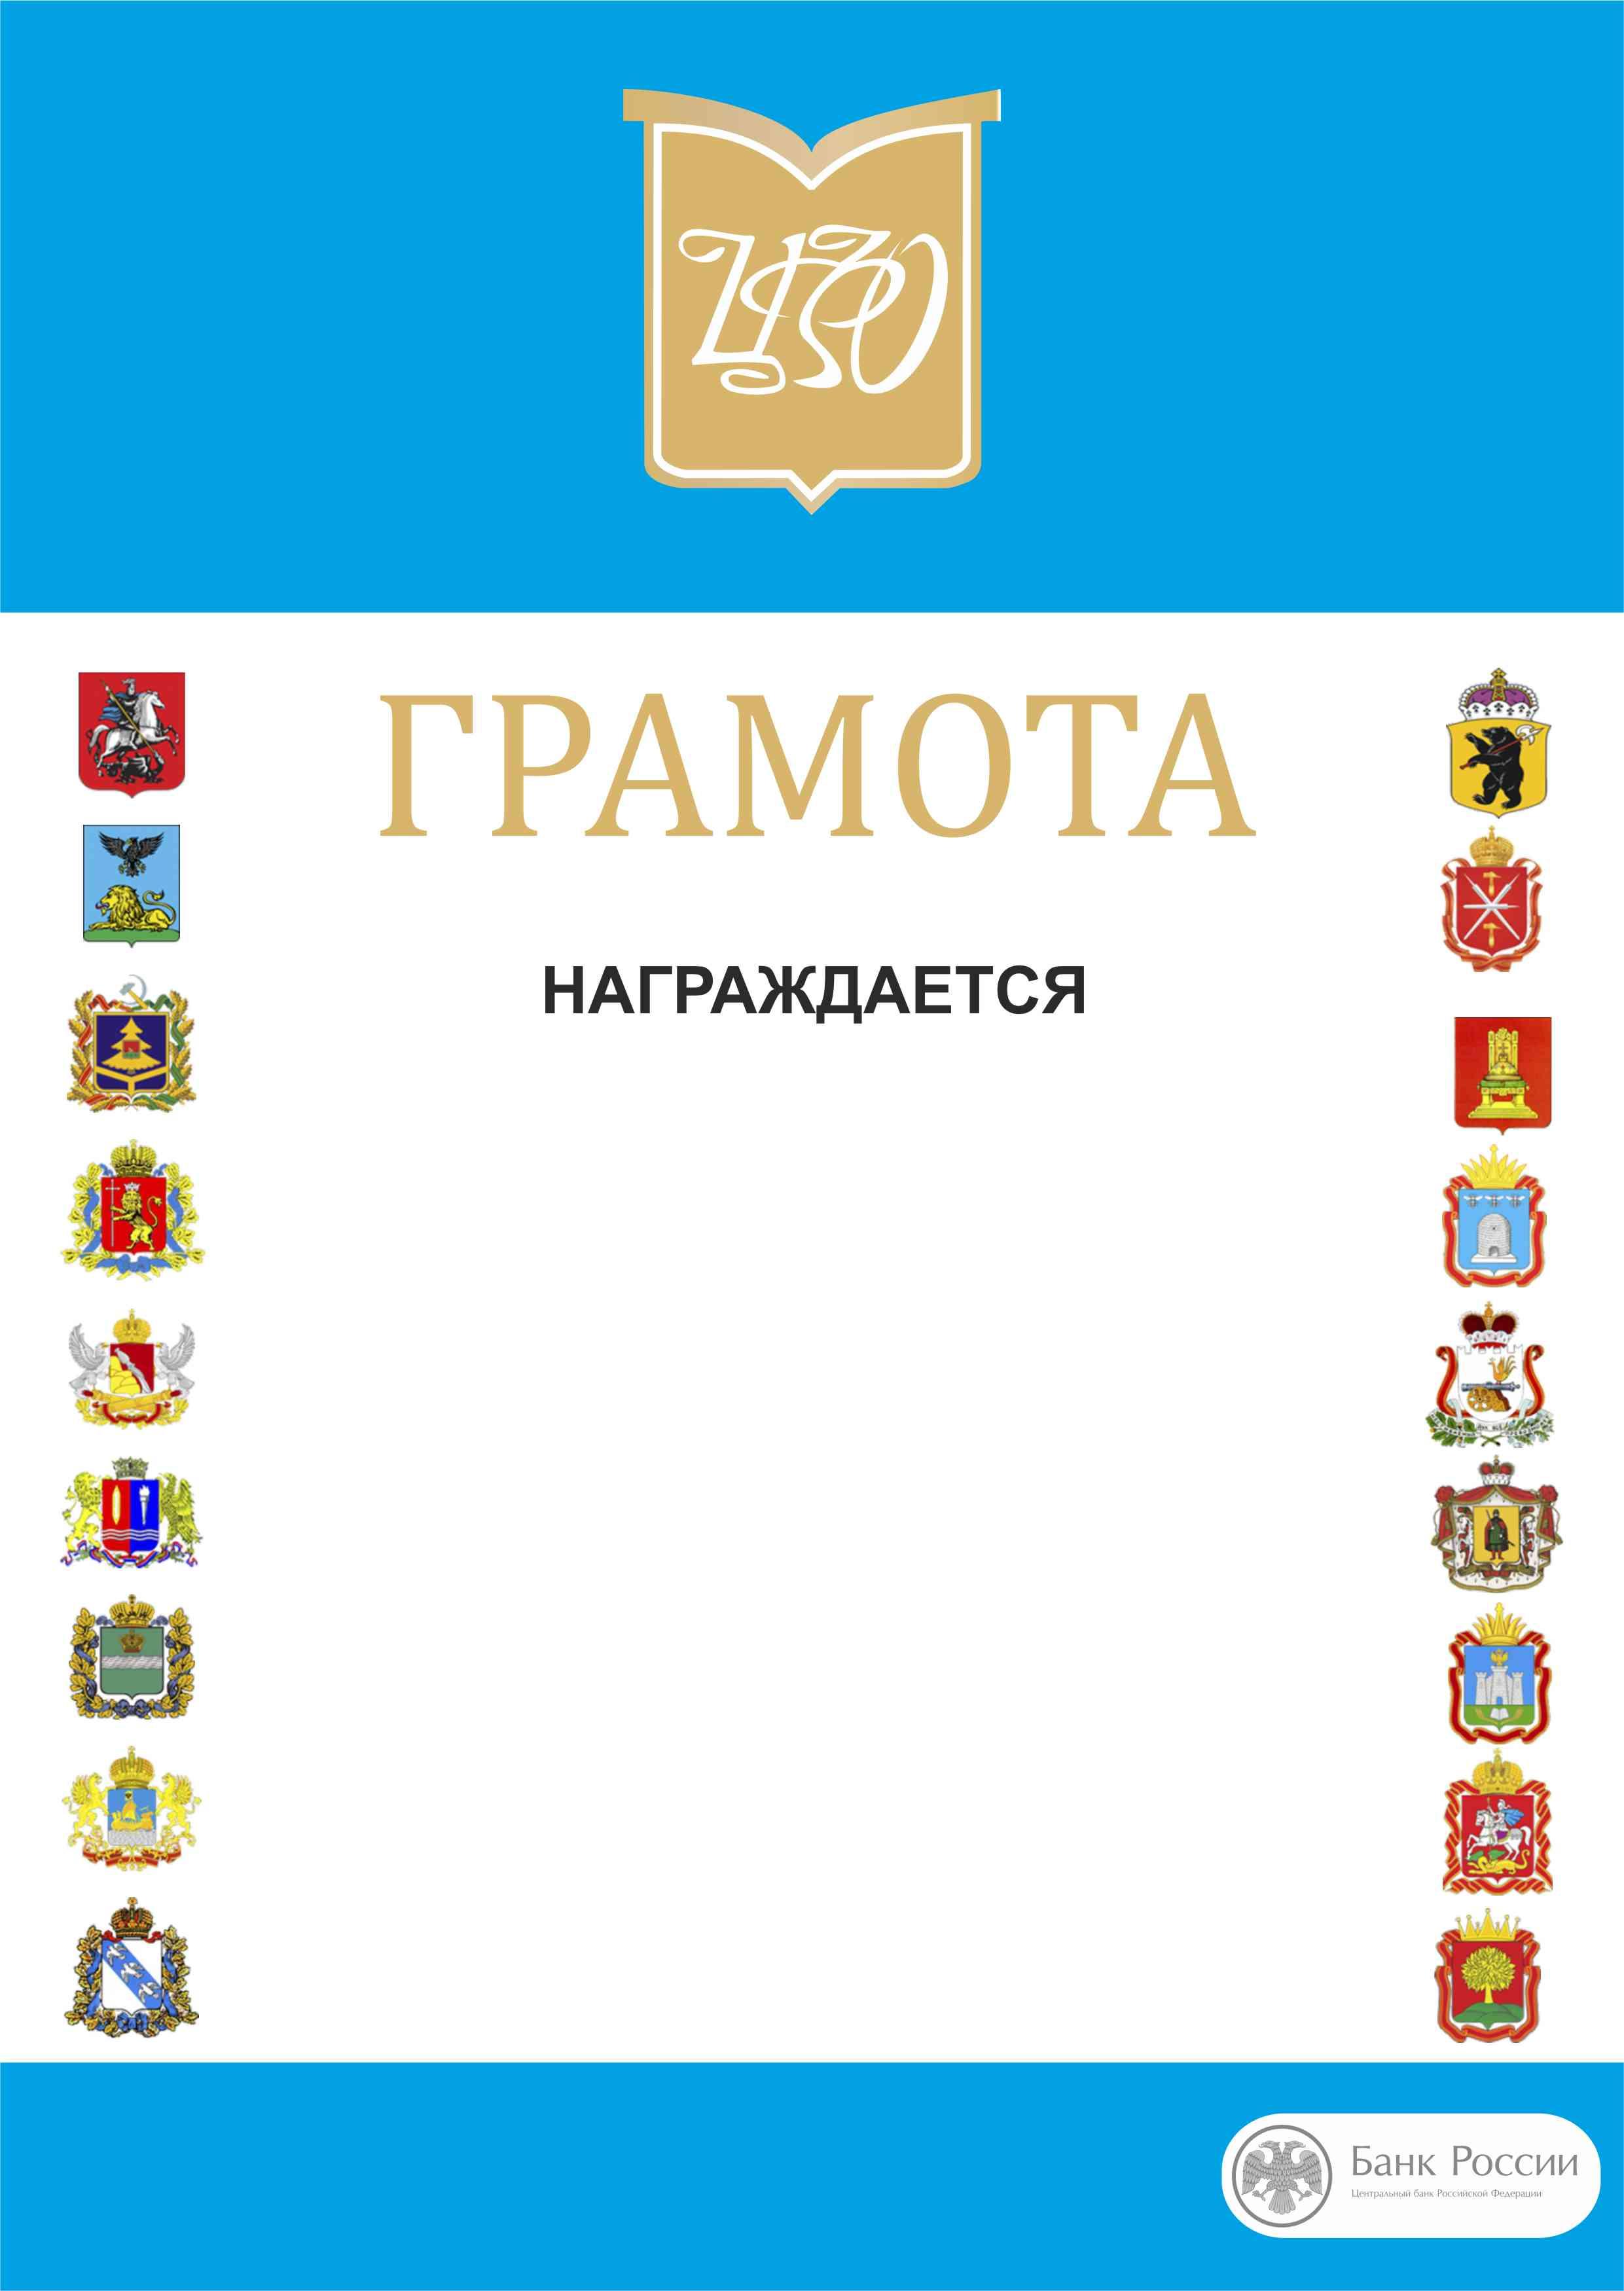 Грамота ЦФО